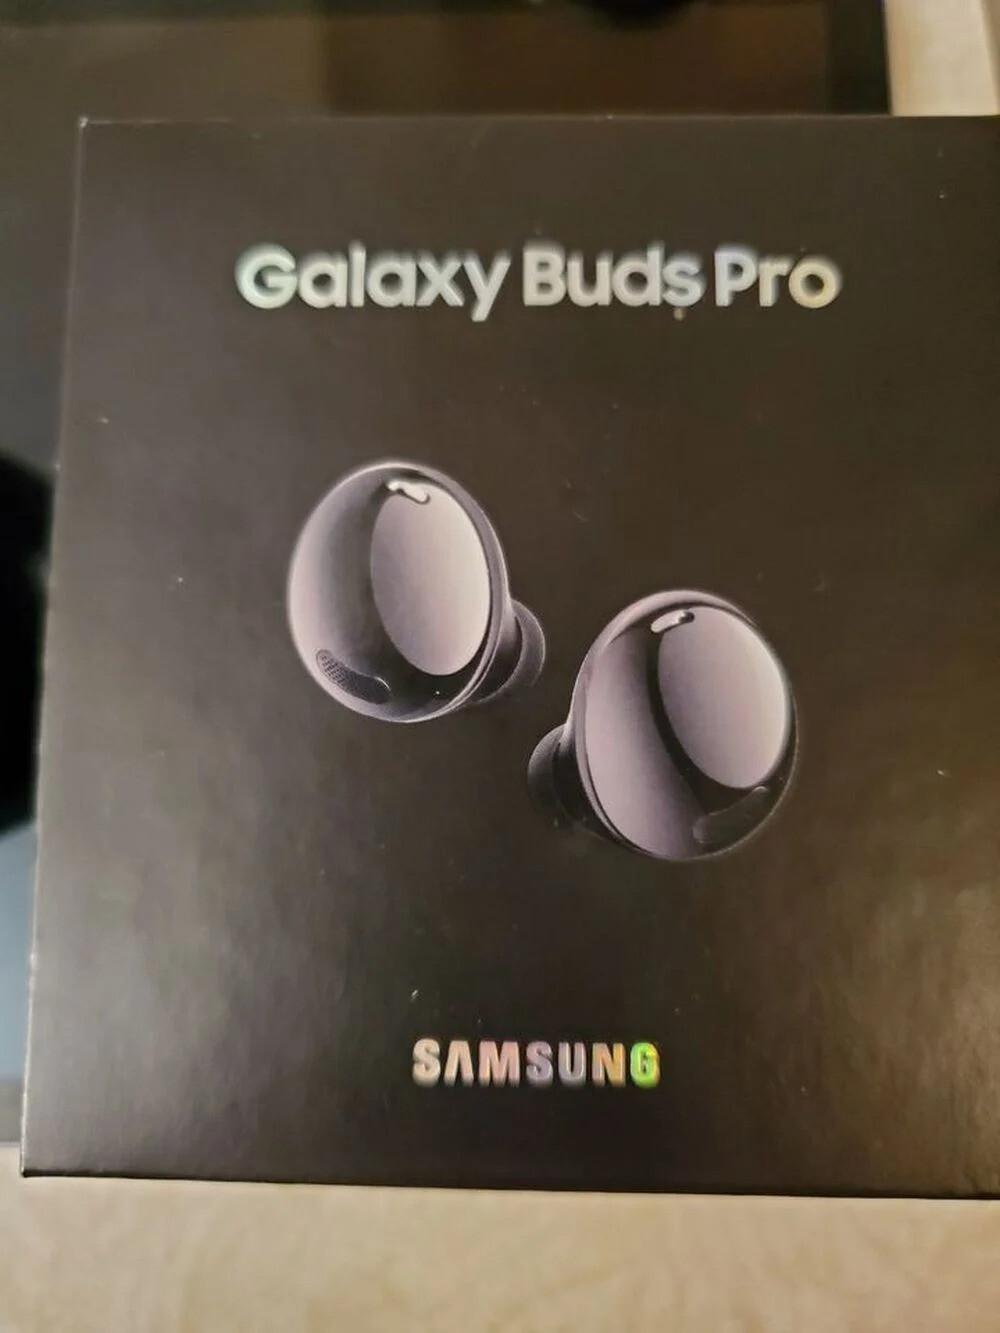 Galaxy-Buds-Pro-hands-on-leak2.jpg